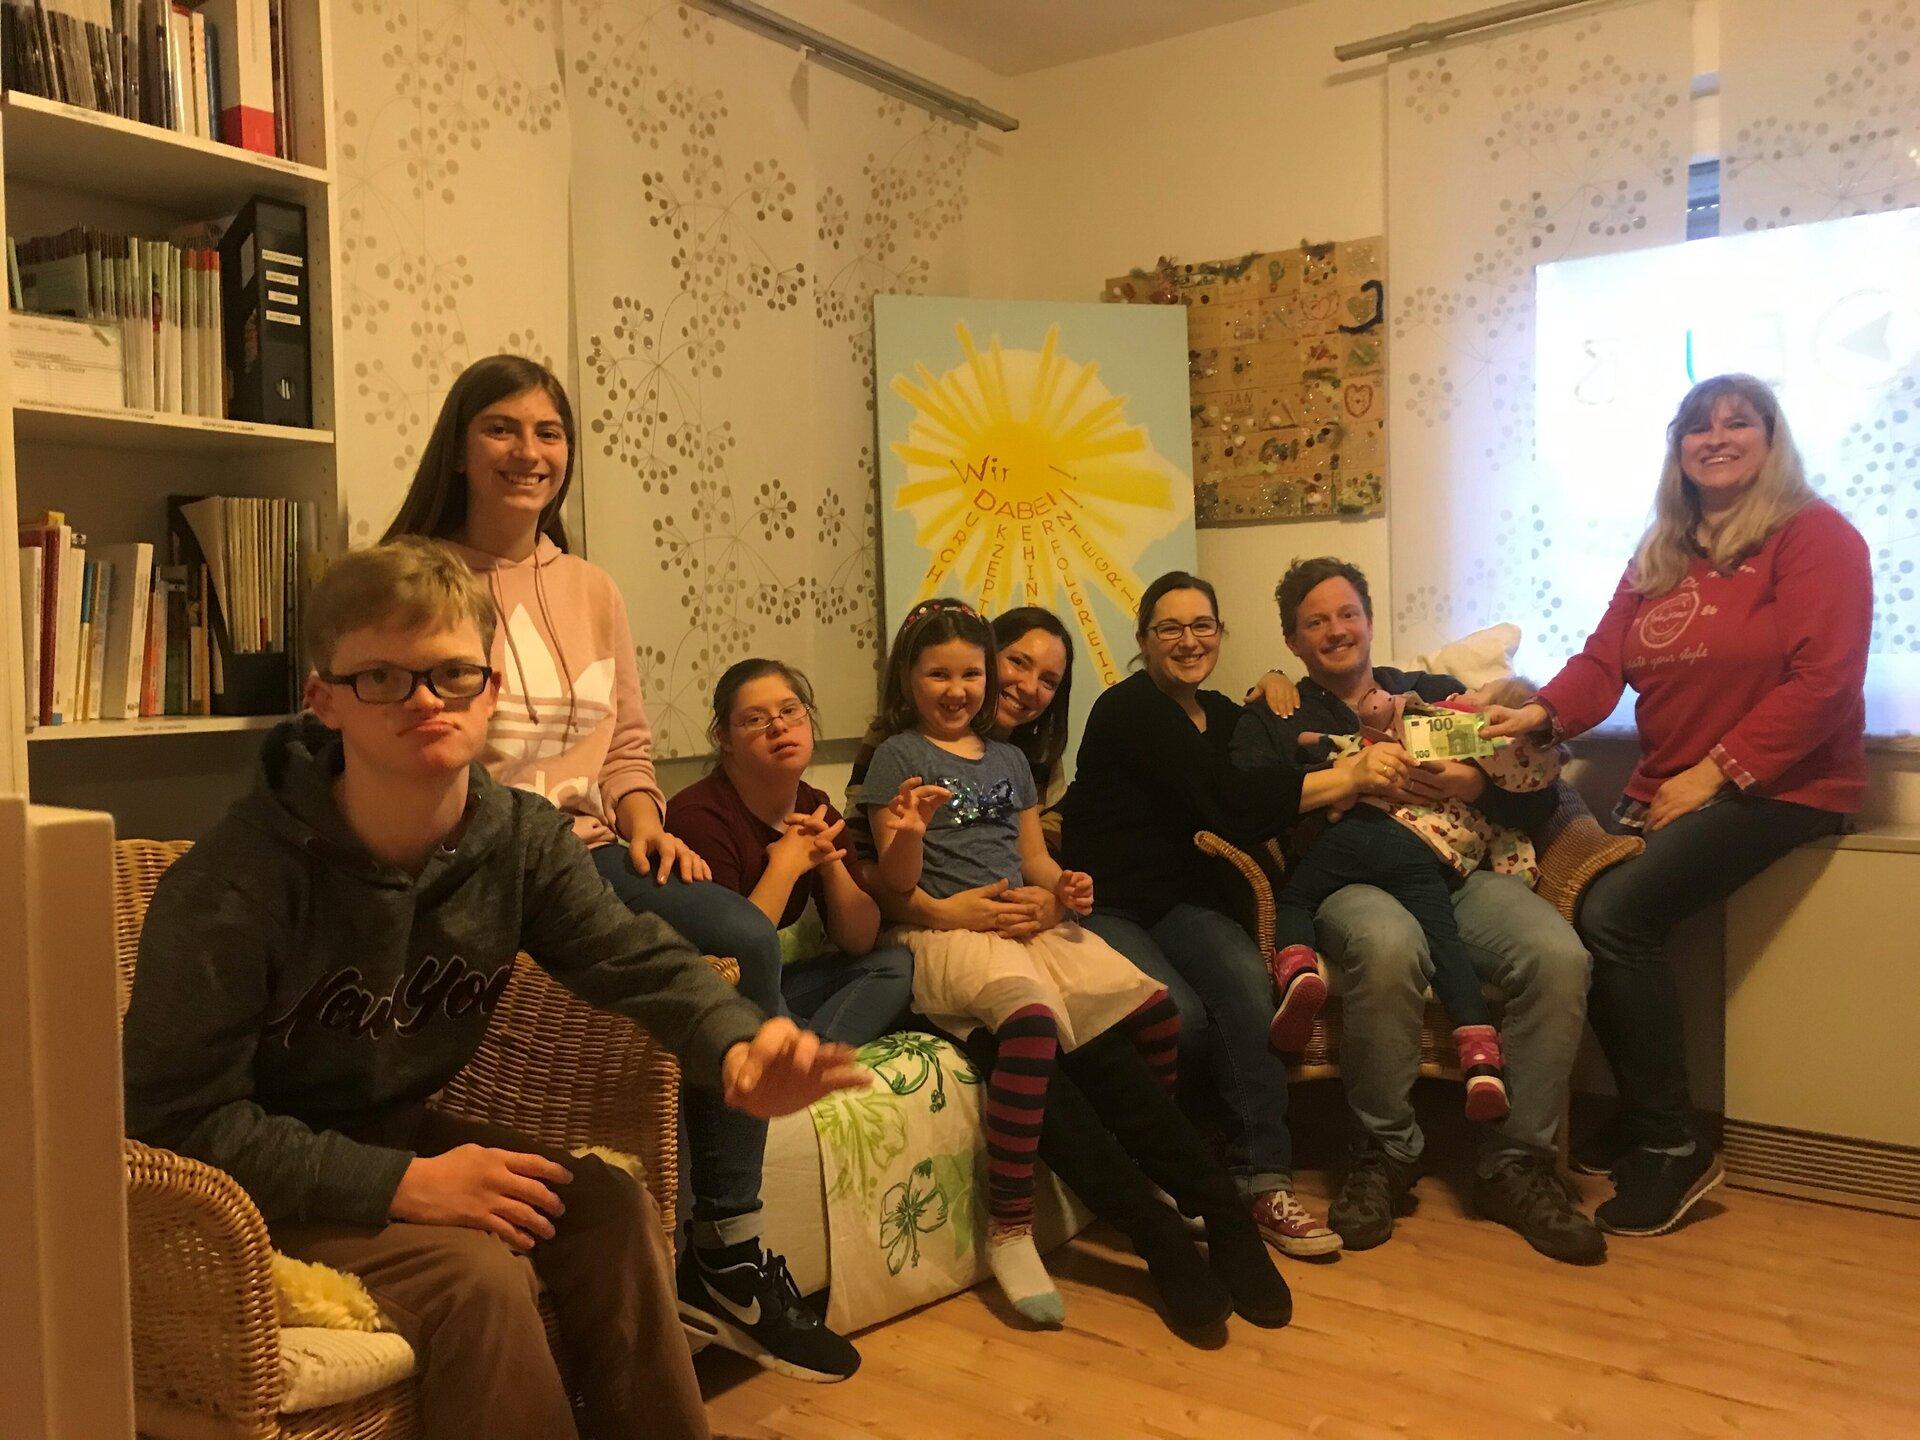 Auf dem Bild sieht man Simon und Carolin Doering, Maja Hoffmann, Paula und Christina Luhn, Tanja und Thorsten Bruns und Petra Doering